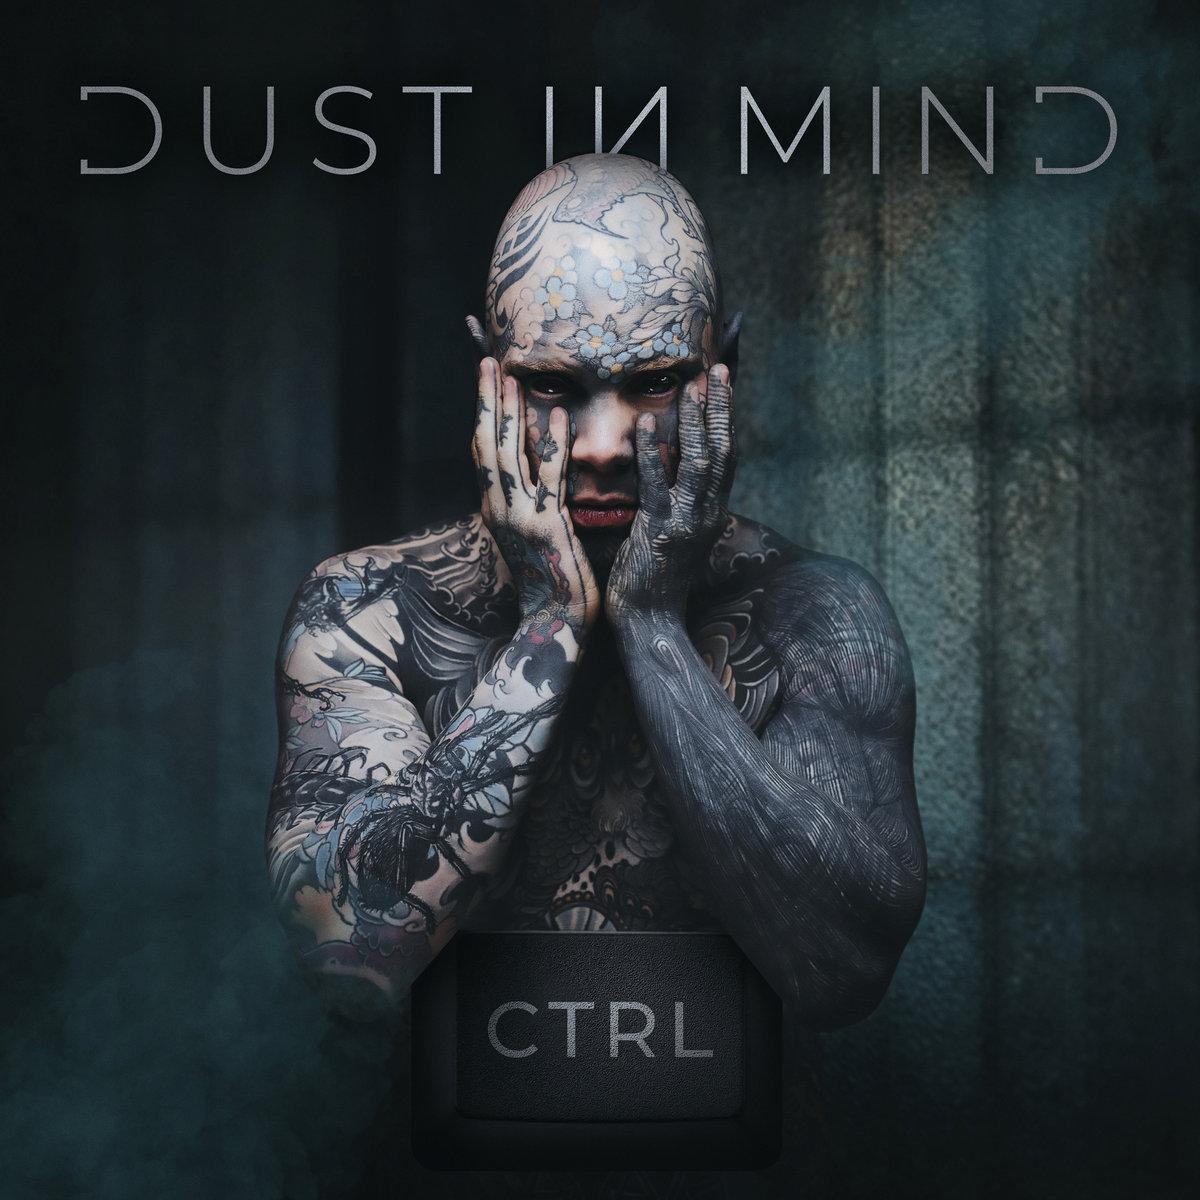 DUST IN MIND album